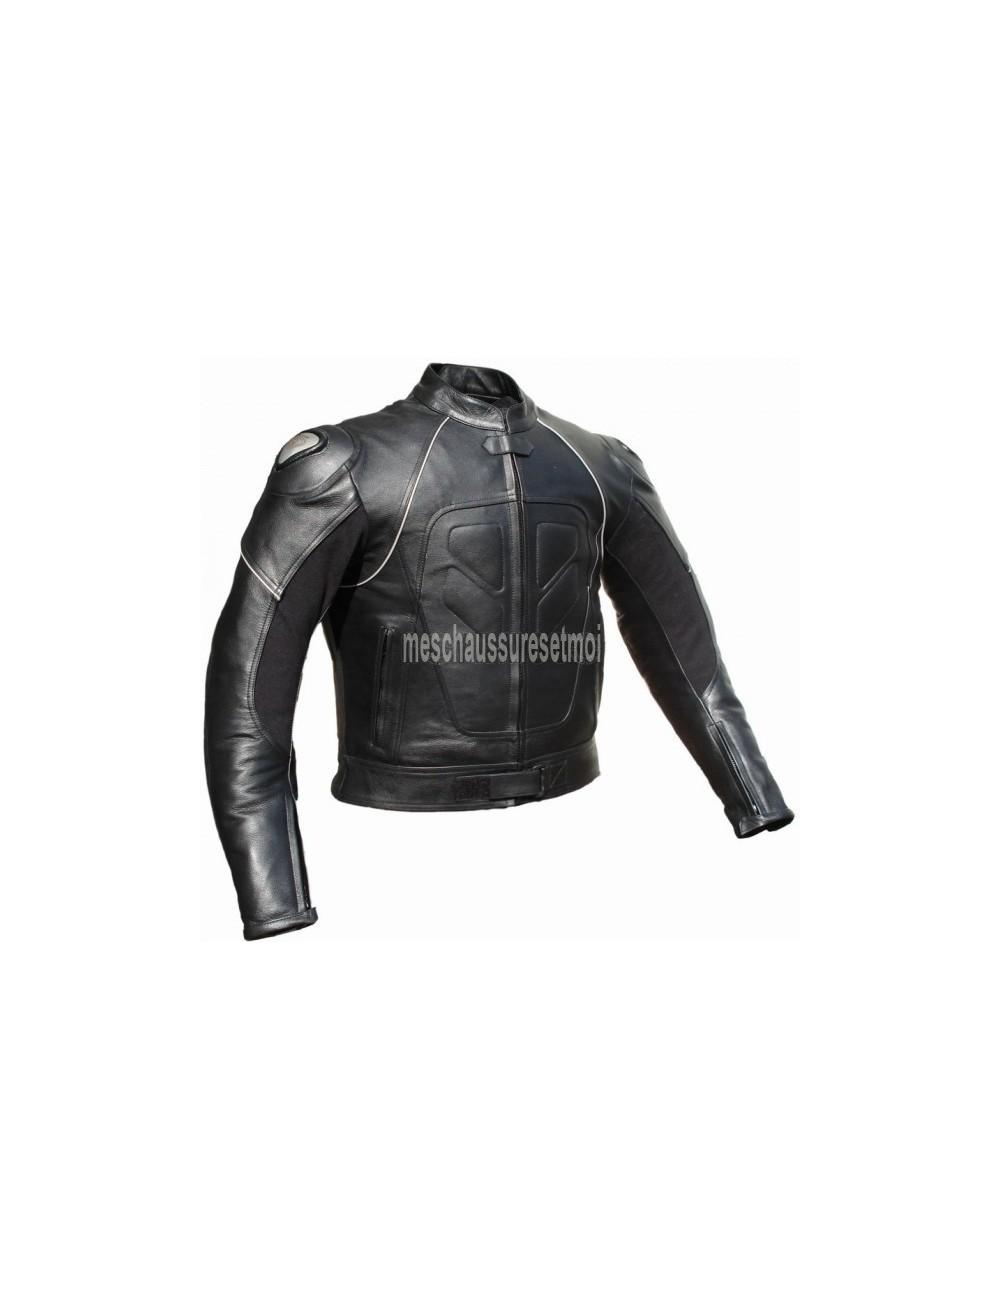 Blouson moto cuir - Blouson moto cuir noir protections titane